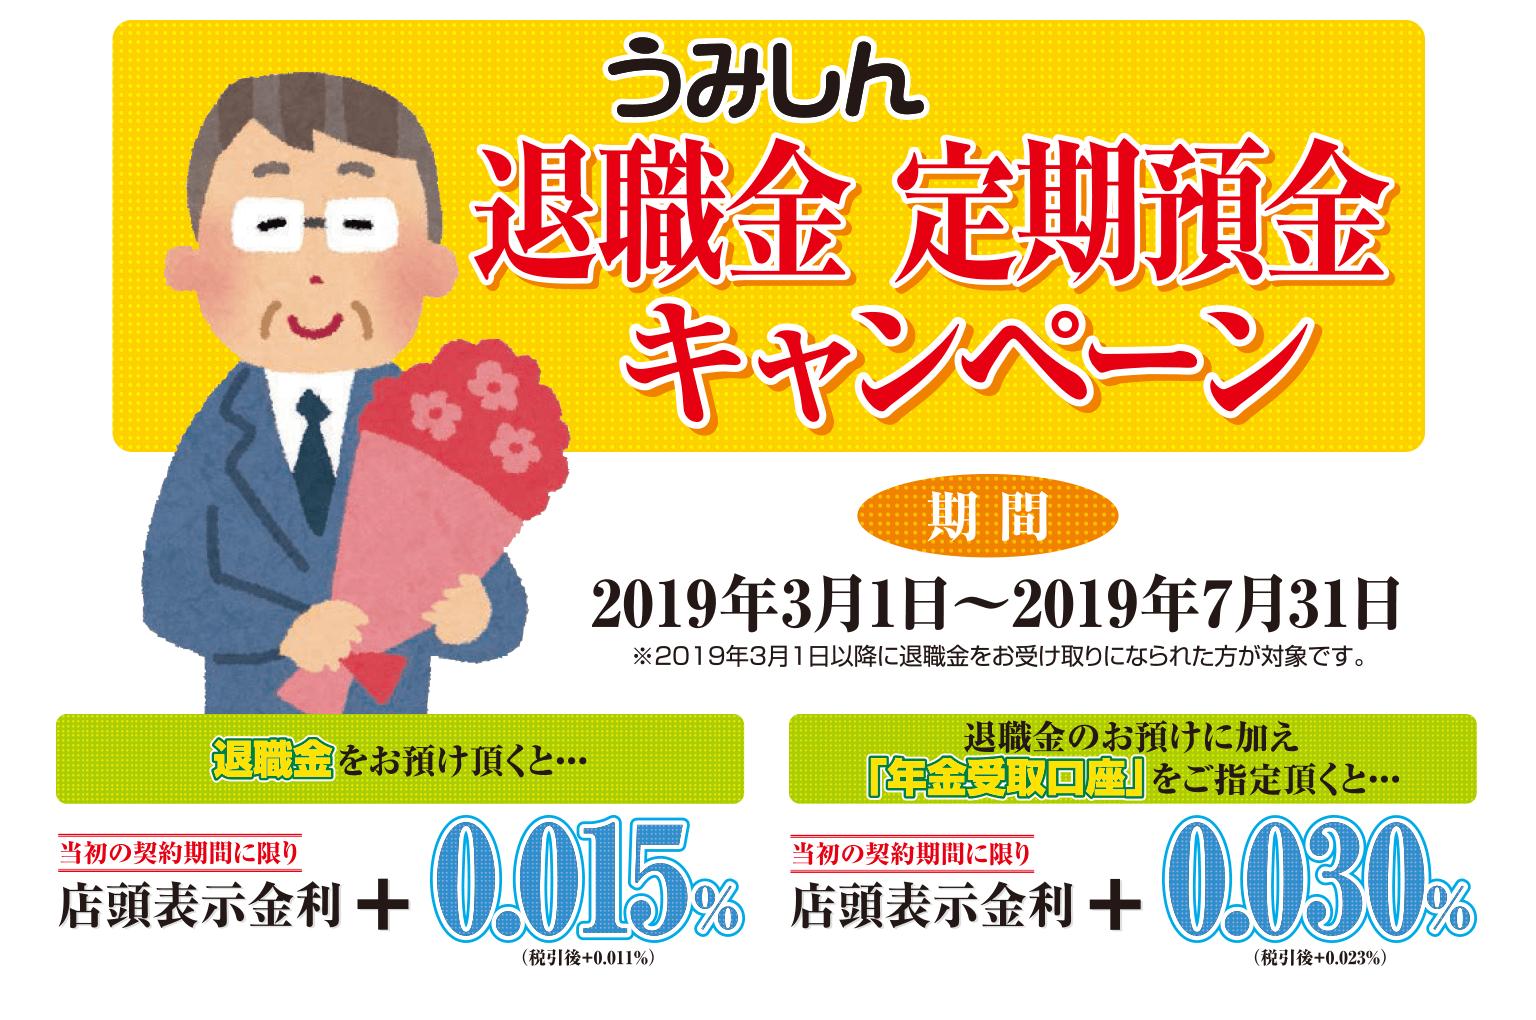 退職金 定期預金キャンペーン